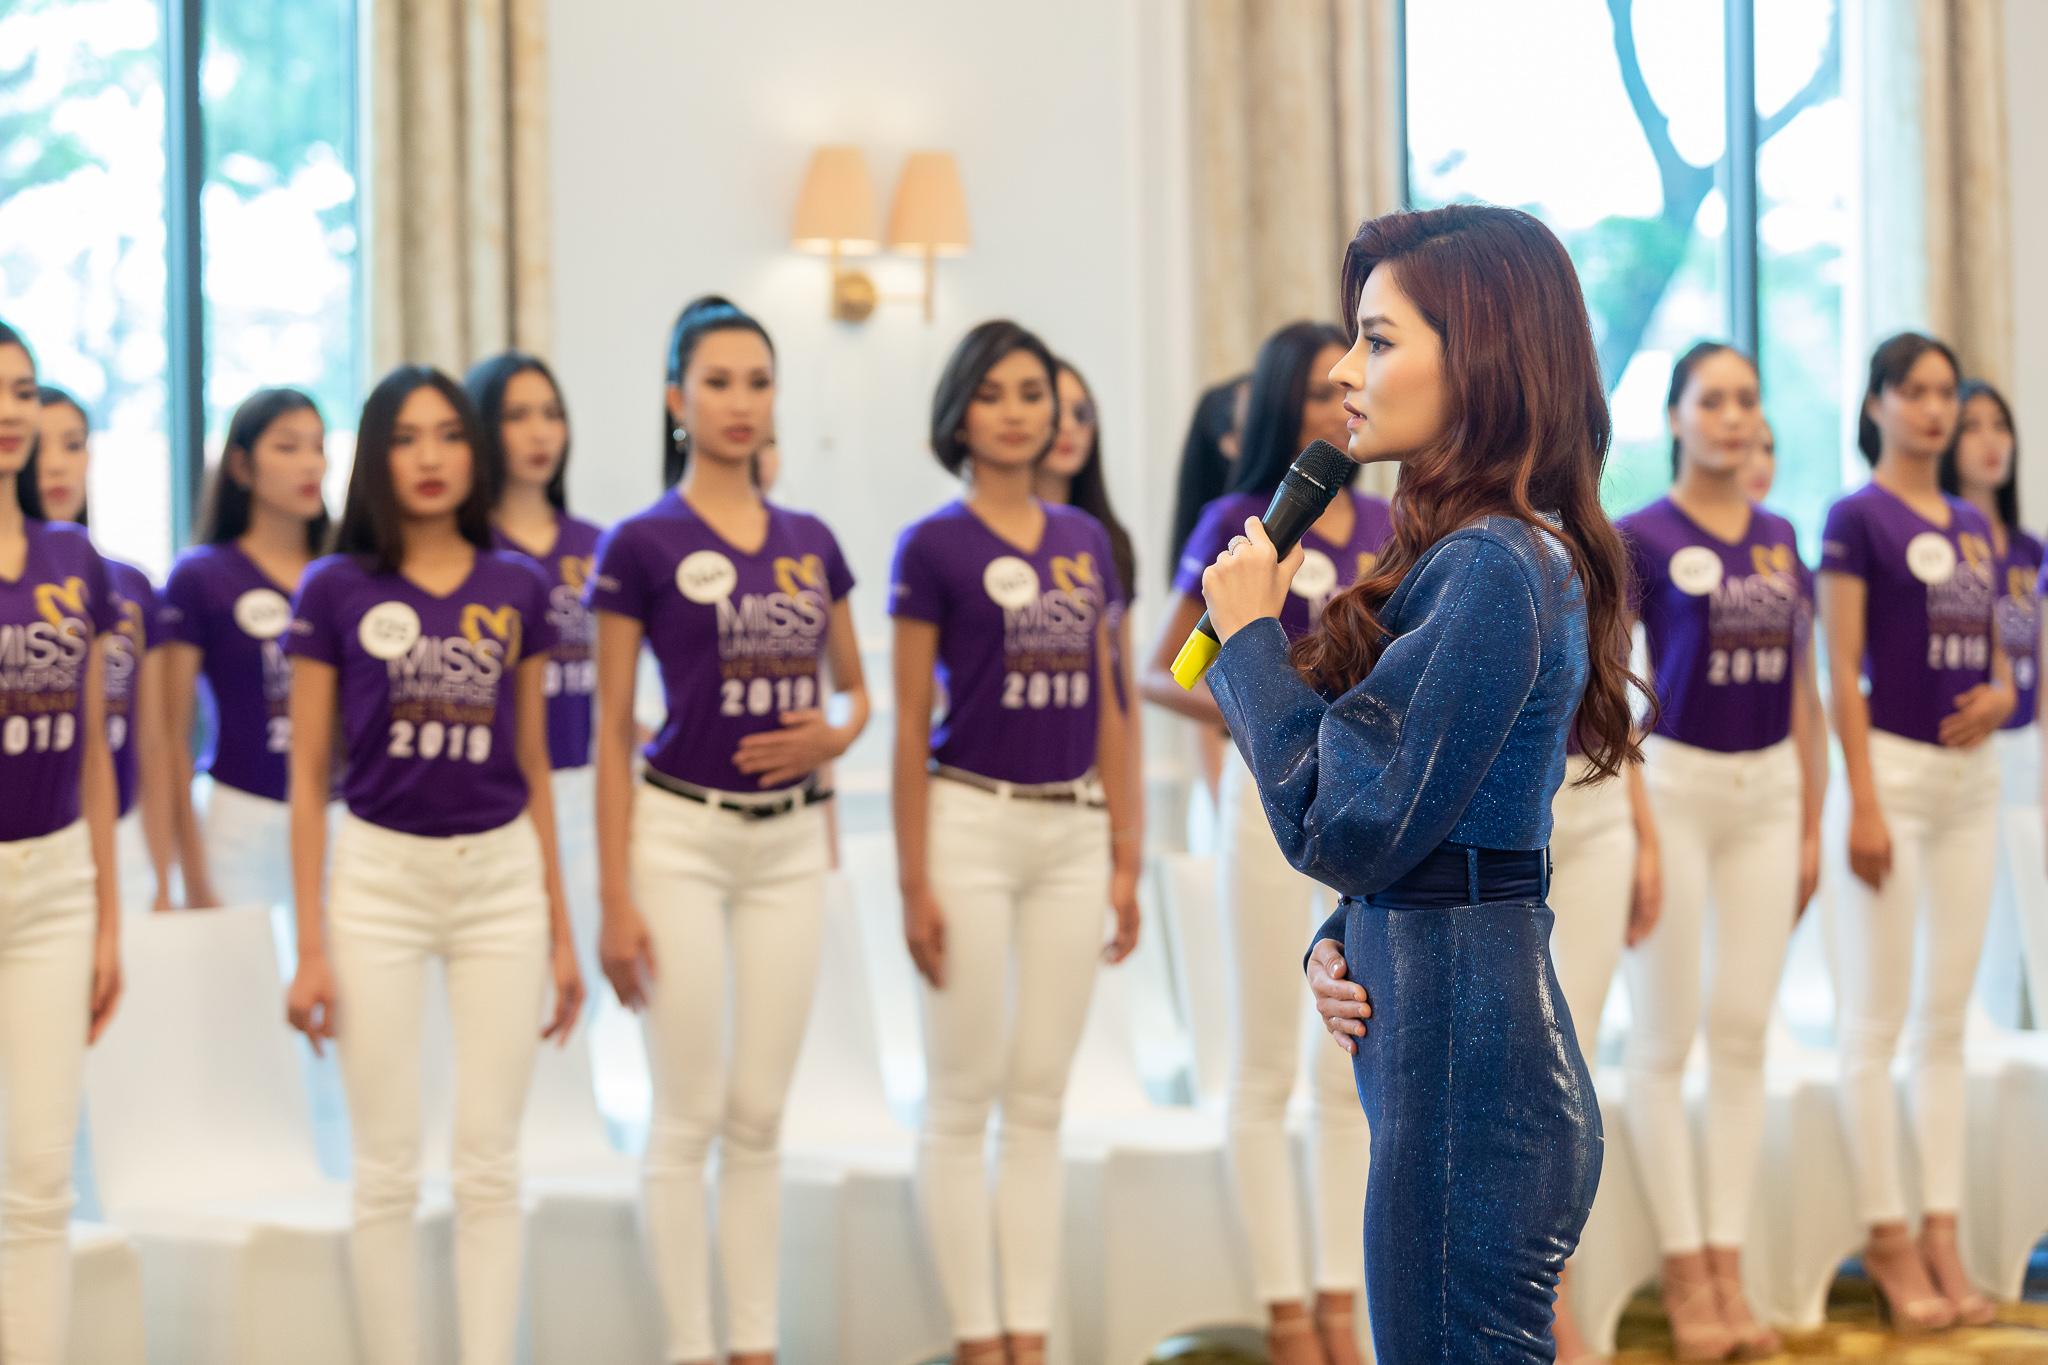 Huan luyen catwalk_Tap 2 Toi La Hoa Hau Hoan Vu Viet Nam 2019 (33)